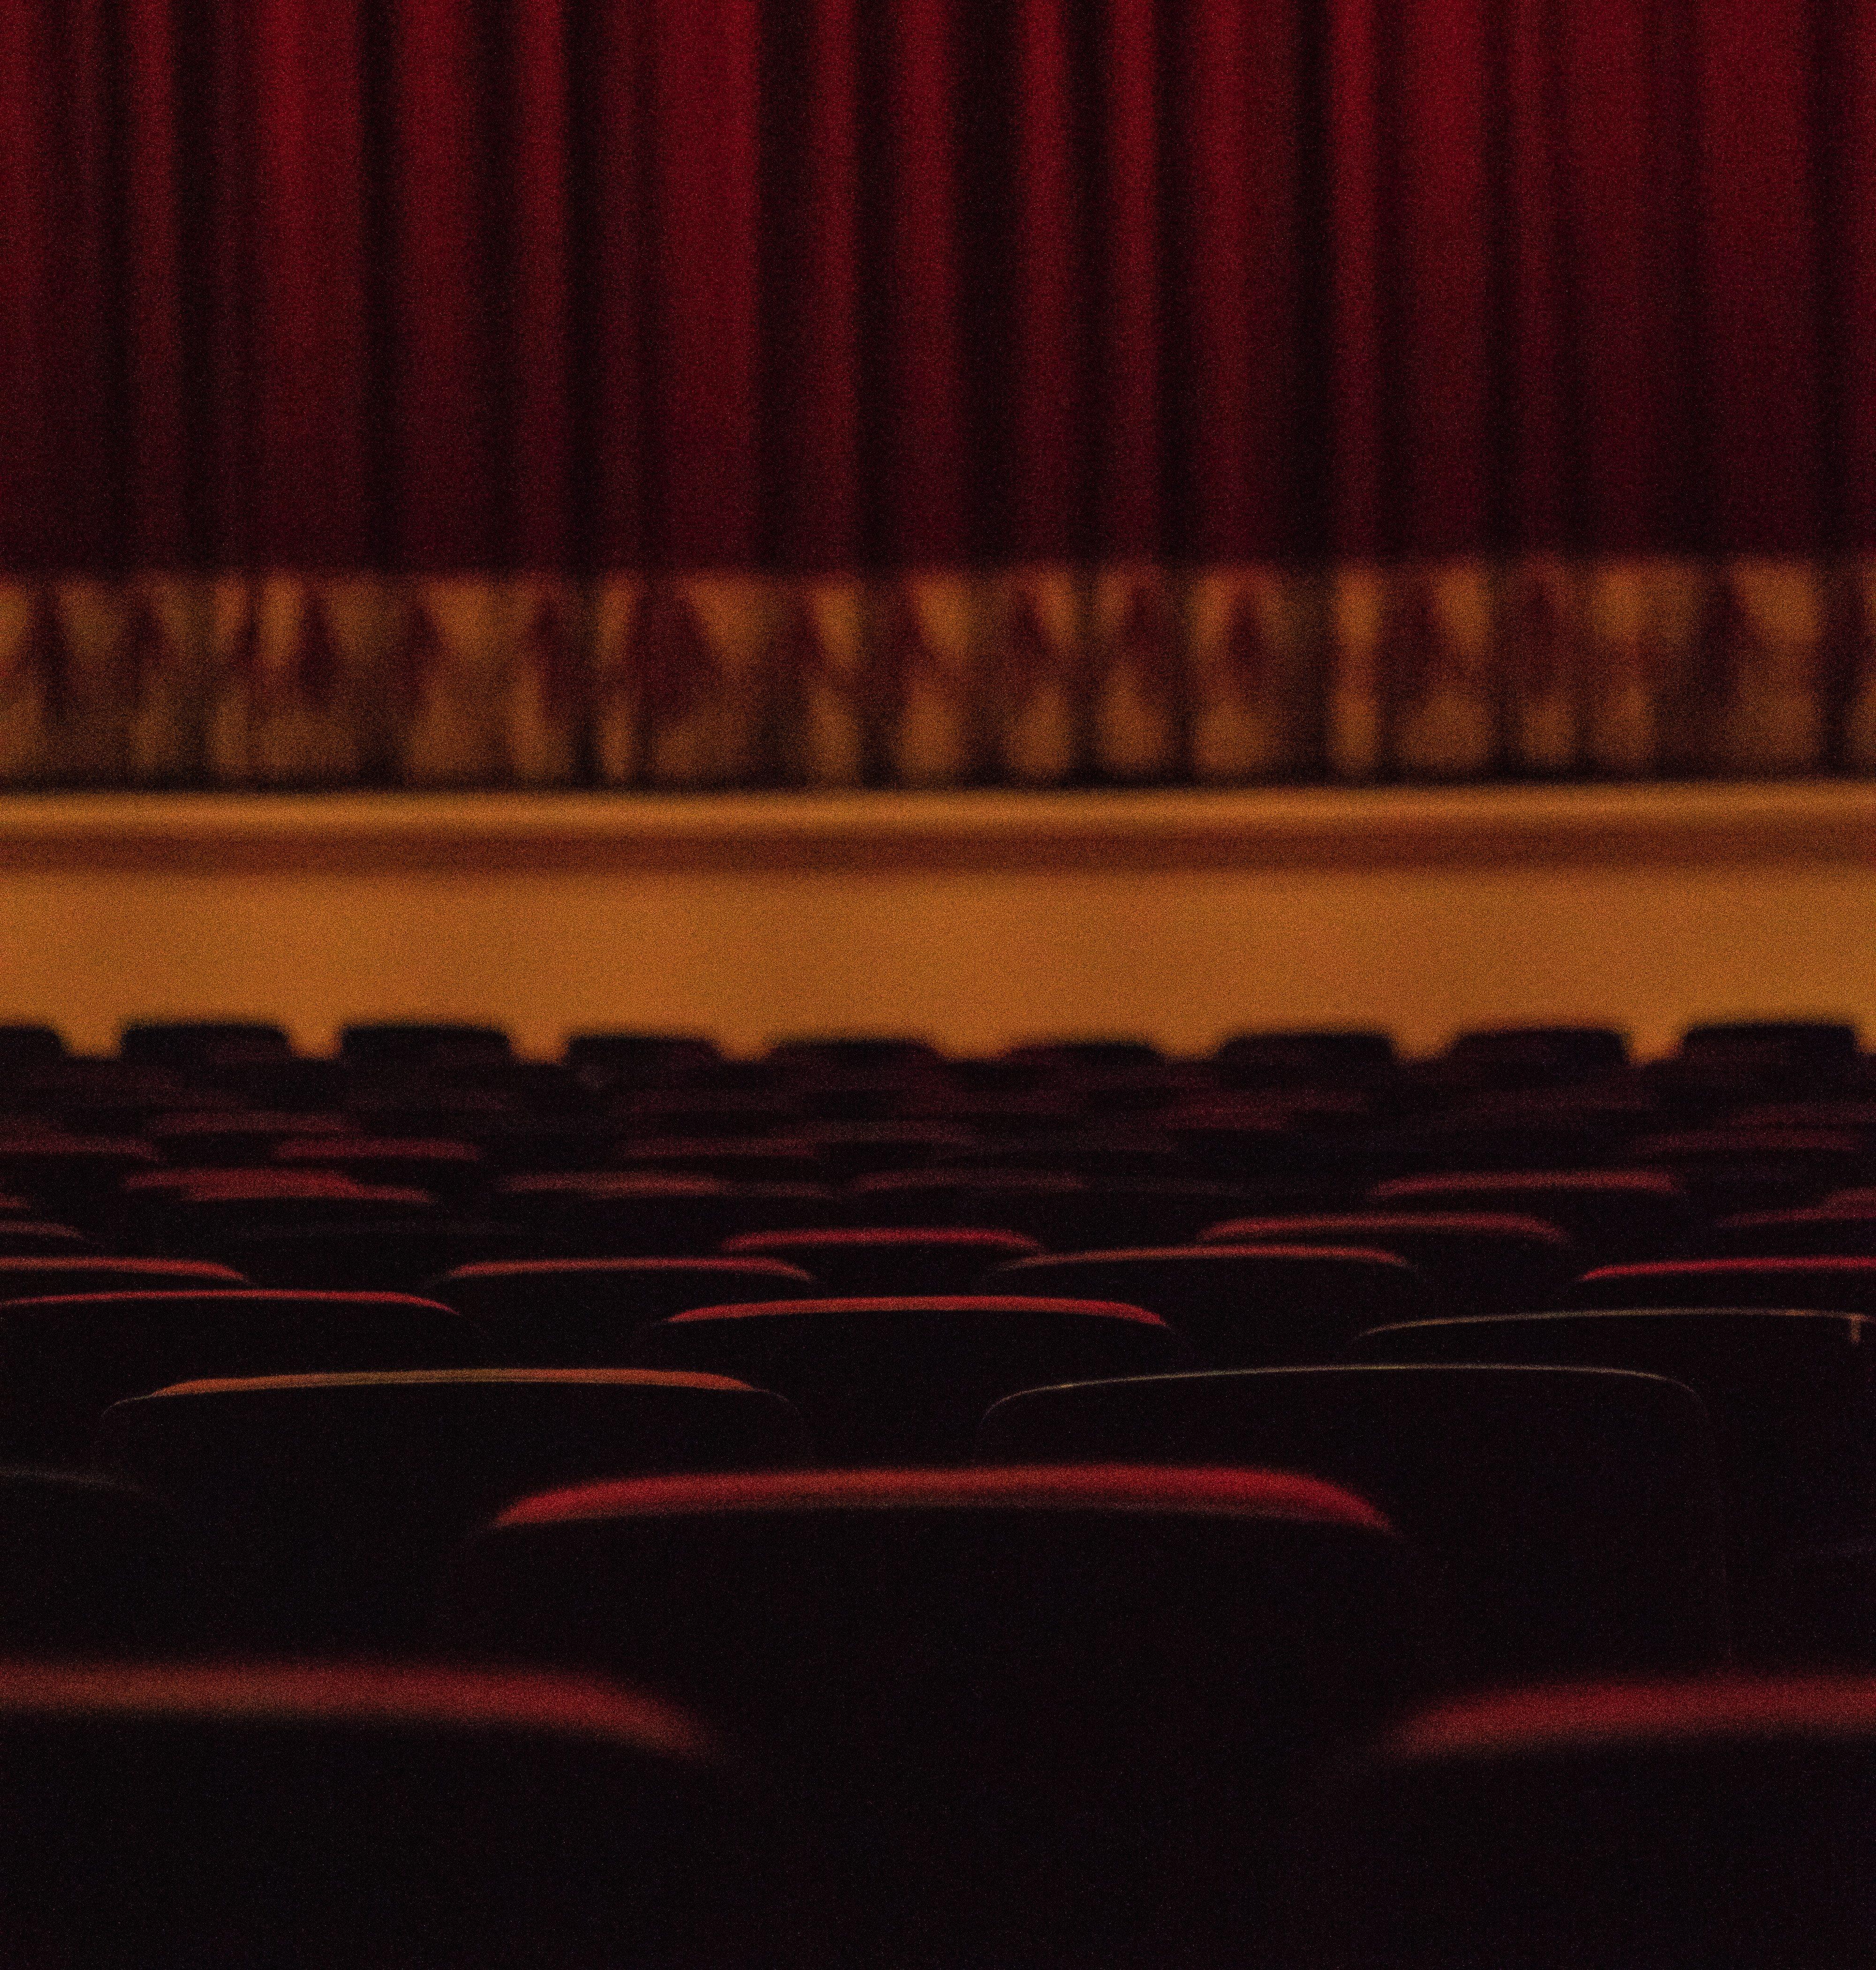 ステージと座席